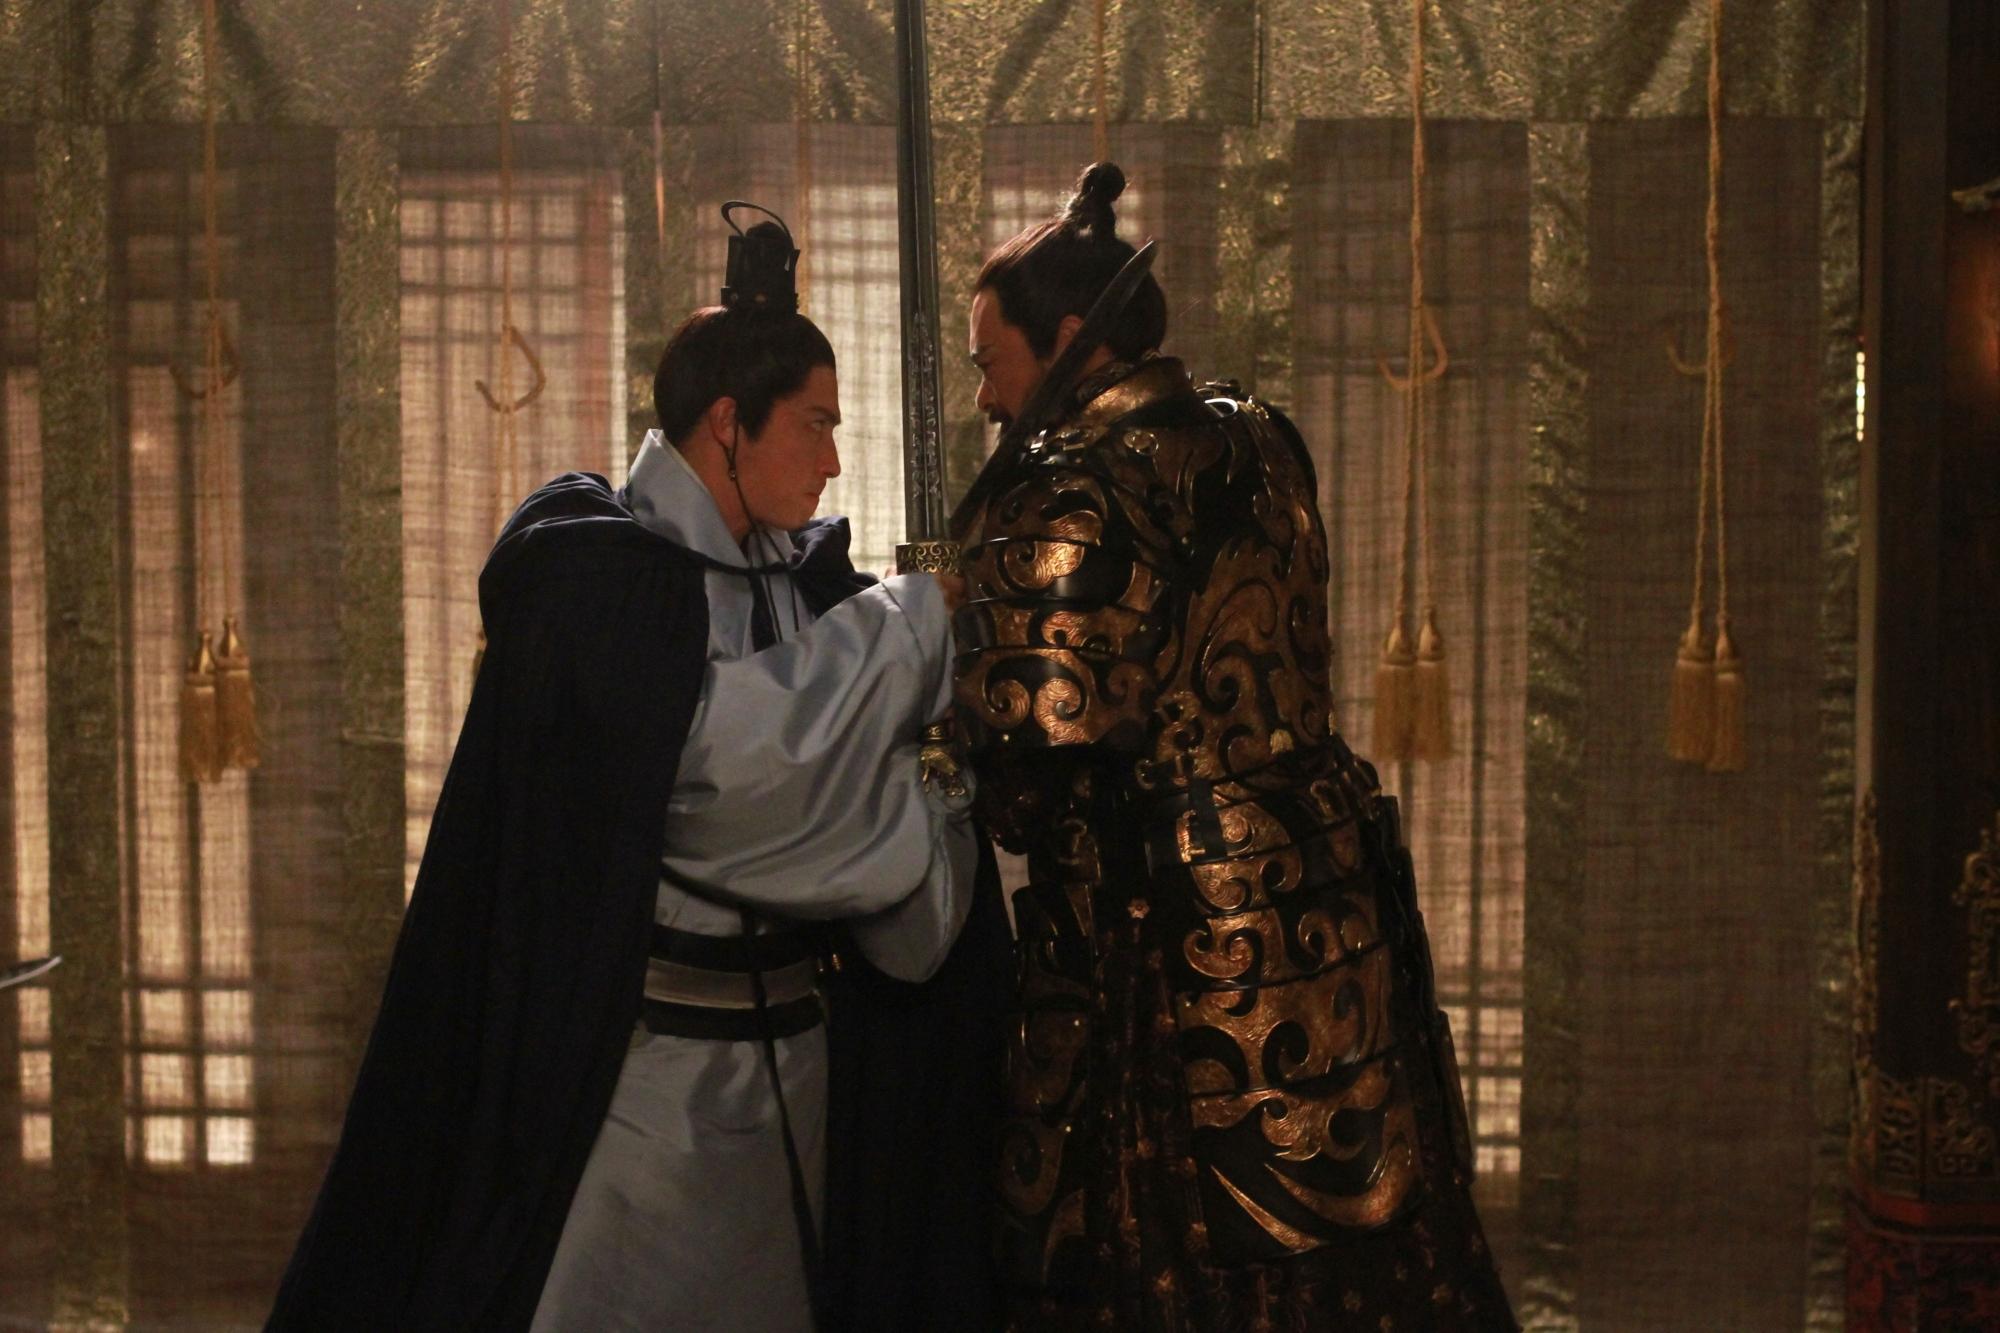 曹操の最後・・映画『曹操暗殺 三国志外伝』9月3日DVD/ブルーレイリリース